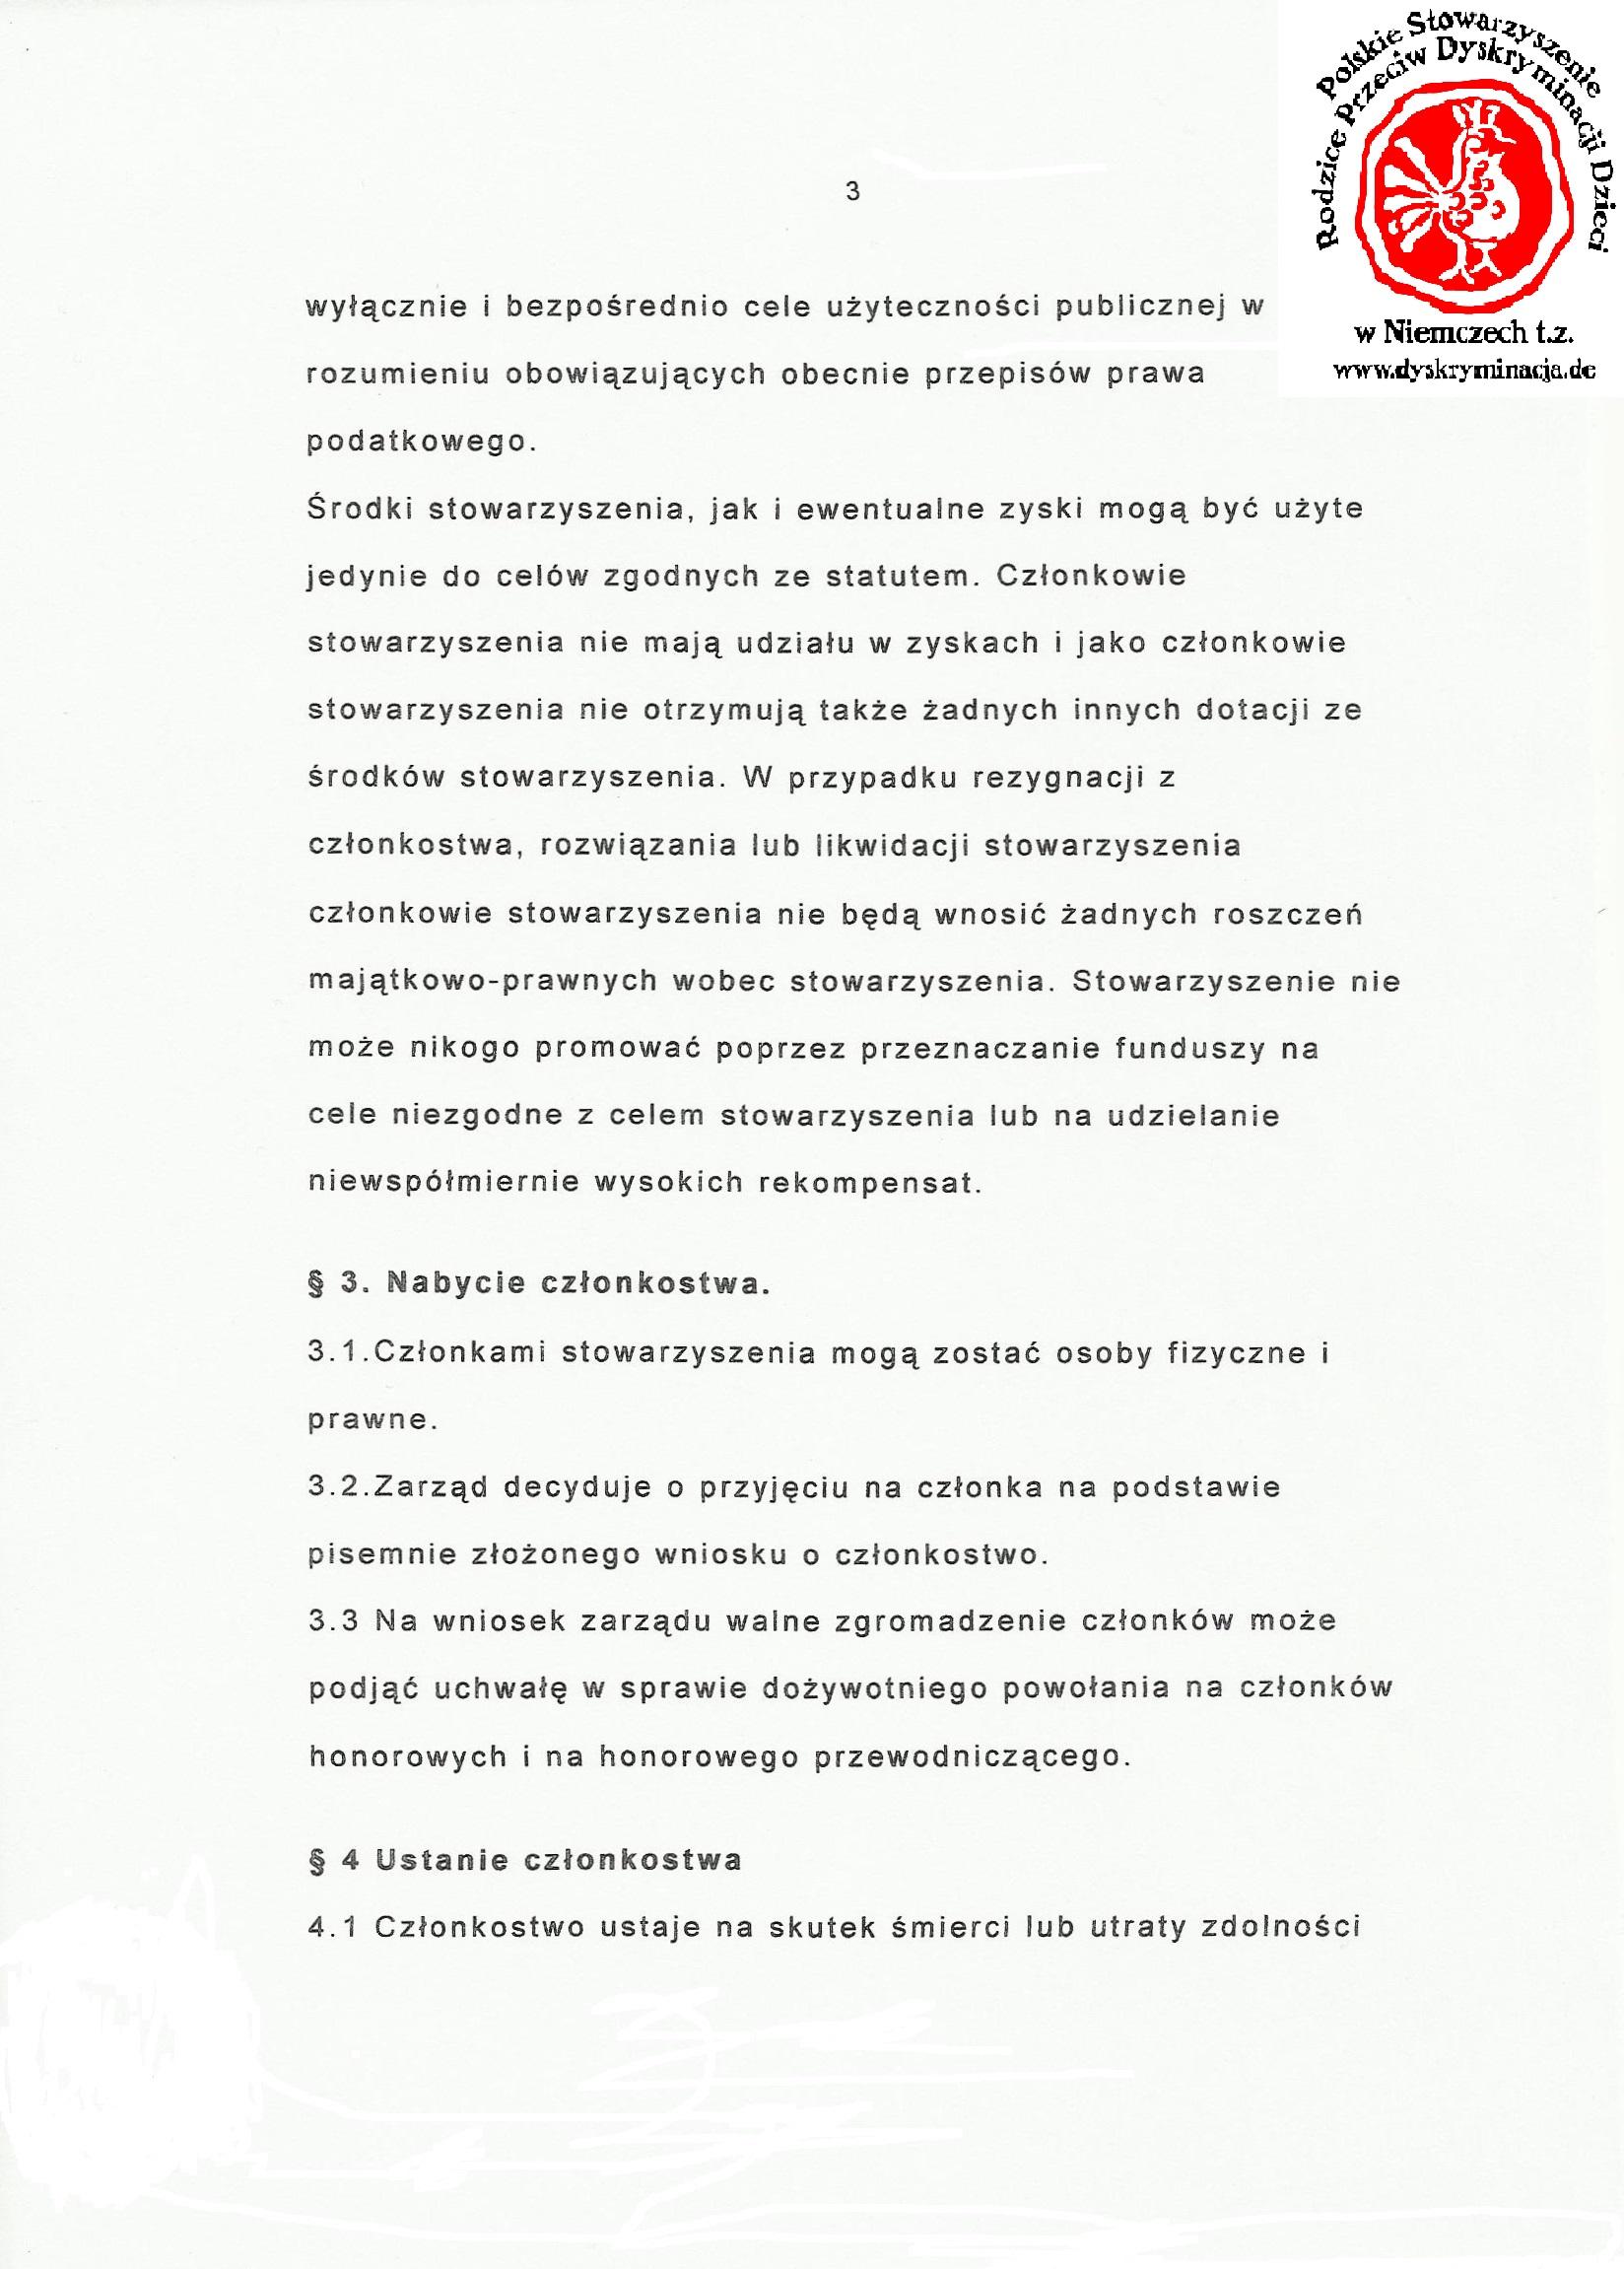 Statut: Polskie Stowarzyszenie Dyskryminacja.de str.3